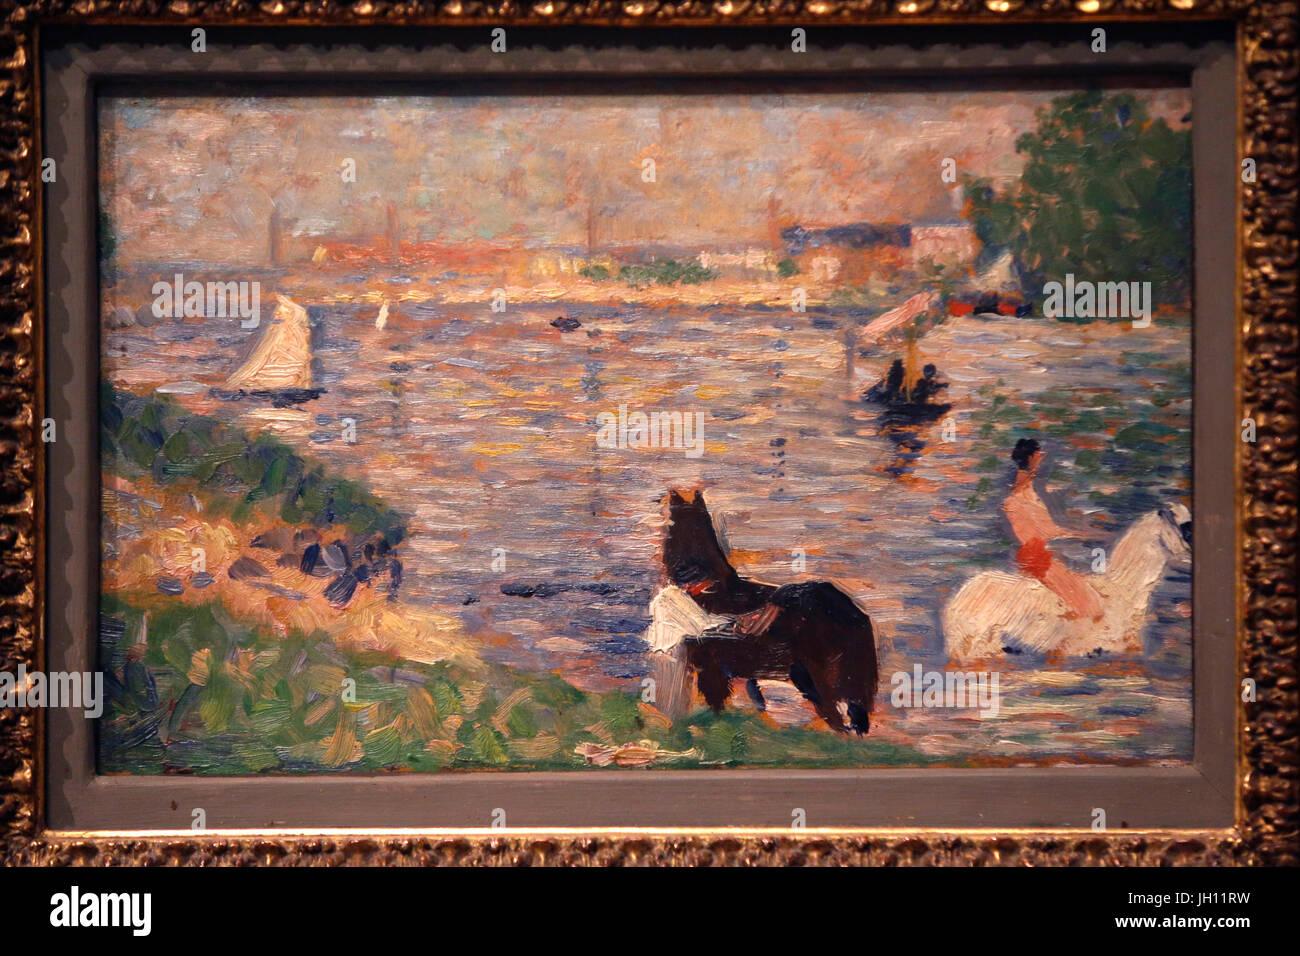 Il Courtauld Gallery. Georges Seurat. Cavalli in acqua, intorno al 1883. Olio su pannello. Regno Unito. Immagini Stock